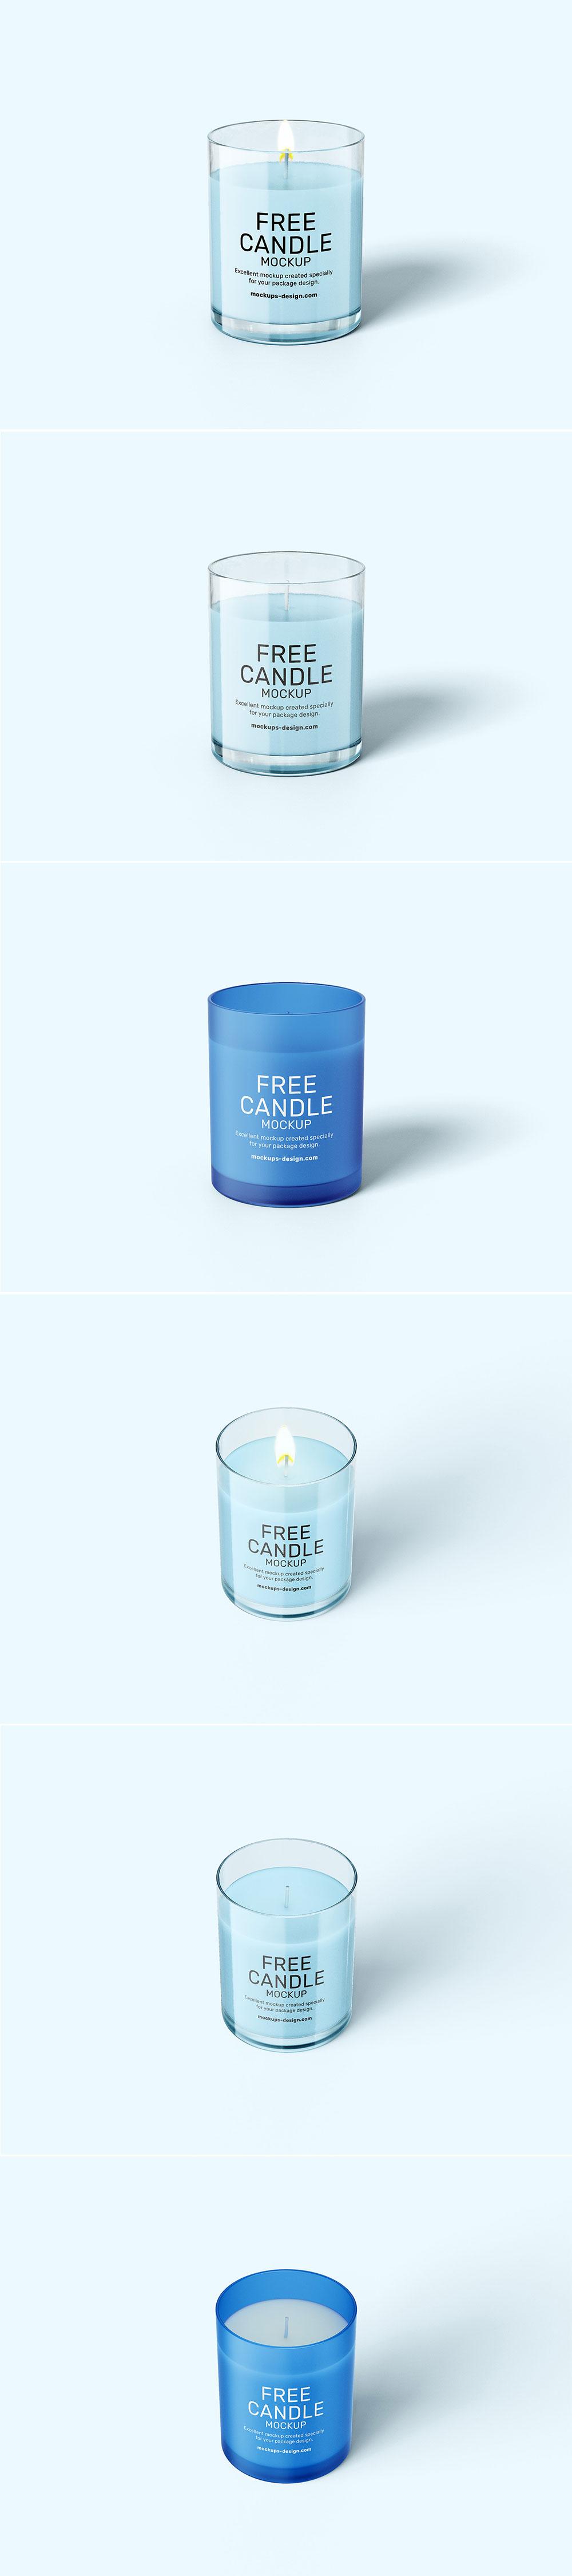 Free Candle Mockups